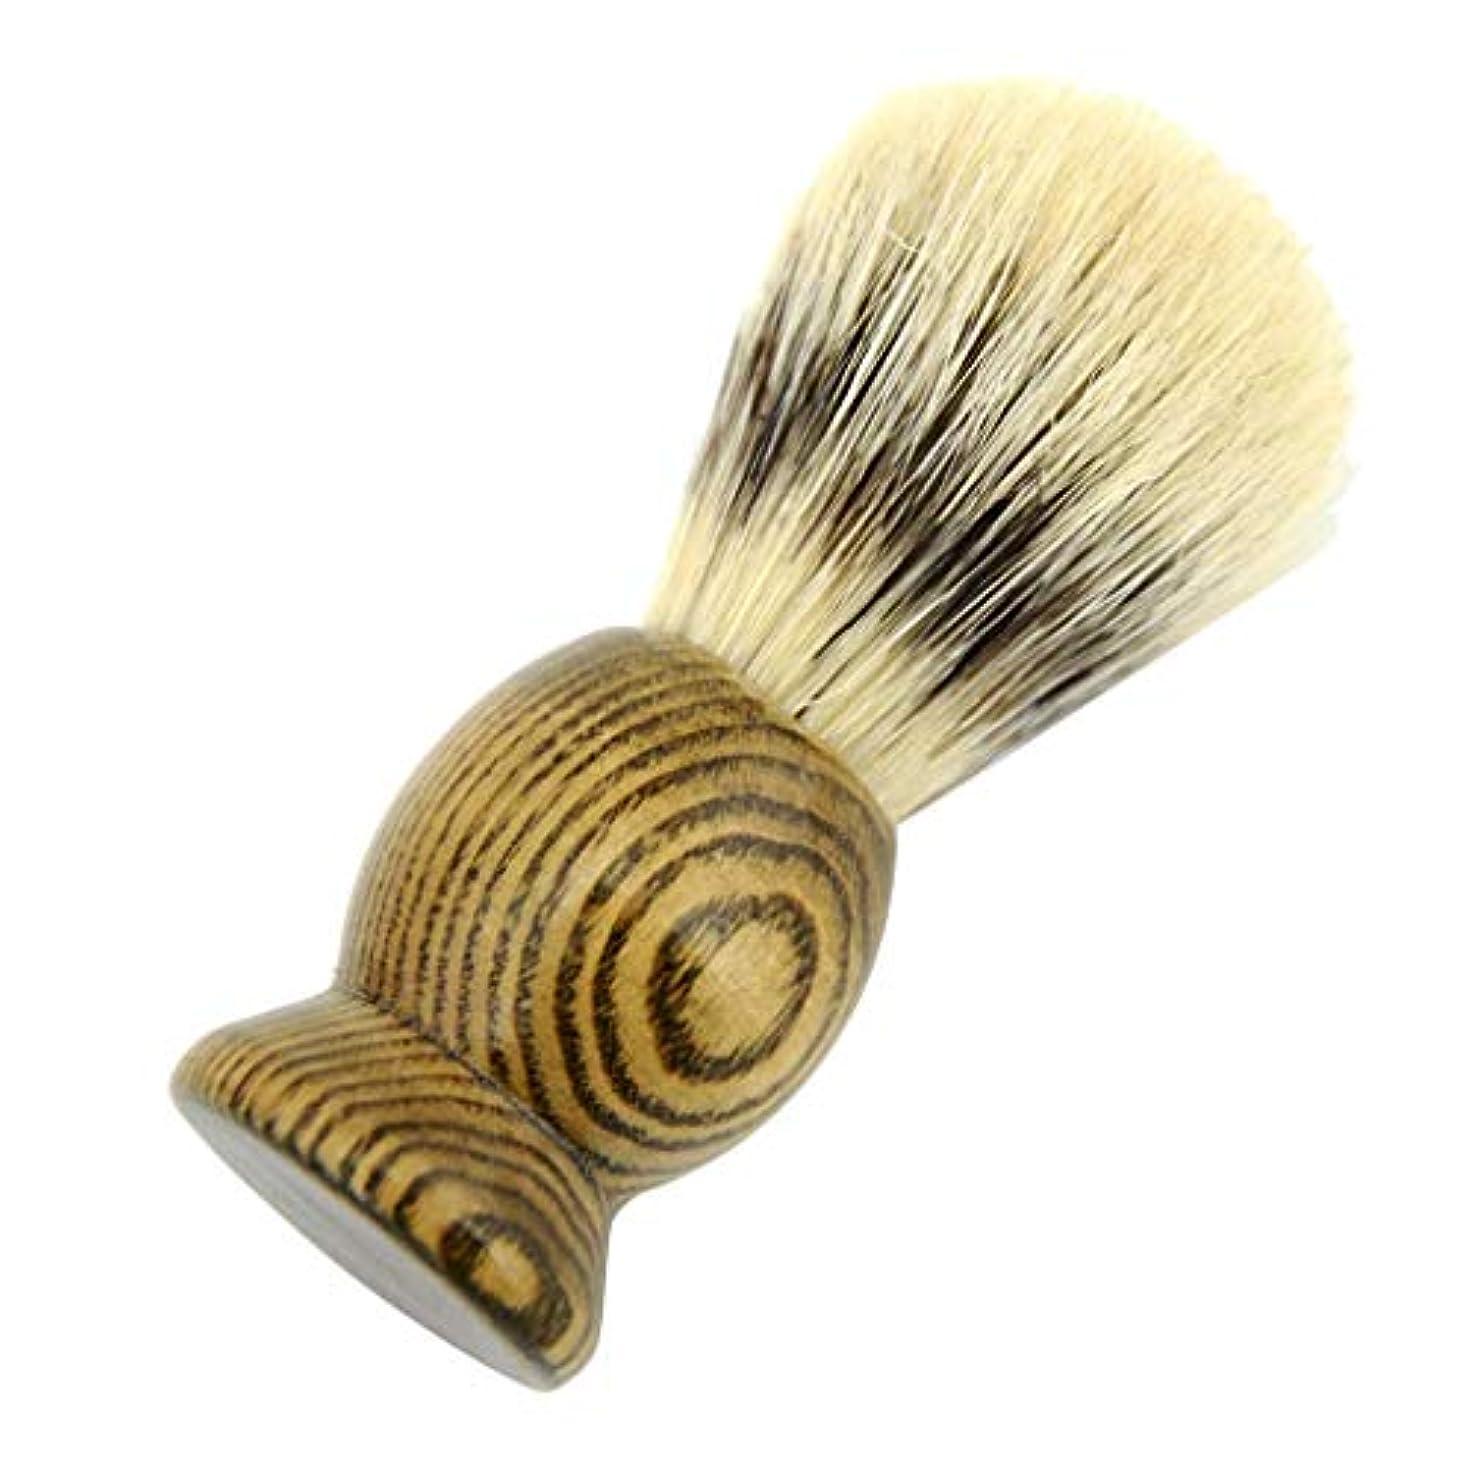 ふける硬さインポートメンズ シェービング用ブラシ 理容 洗顔 髭剃り 泡立ち サロン 家庭用 シェービング用アクセサリー